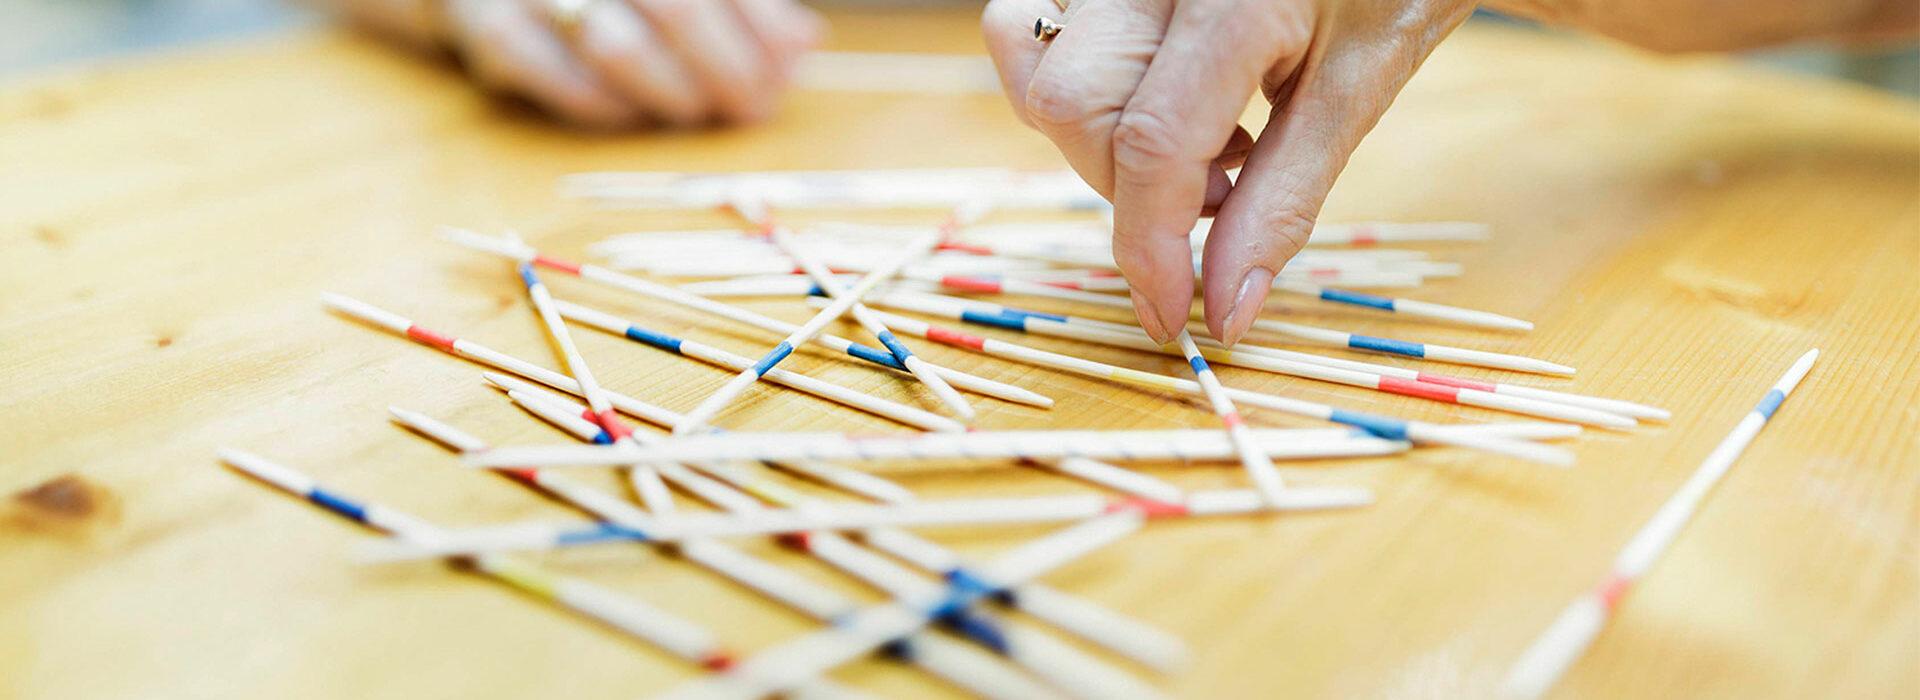 Foto: Mikadospiel als Beschäftigung bei der Tagespflege